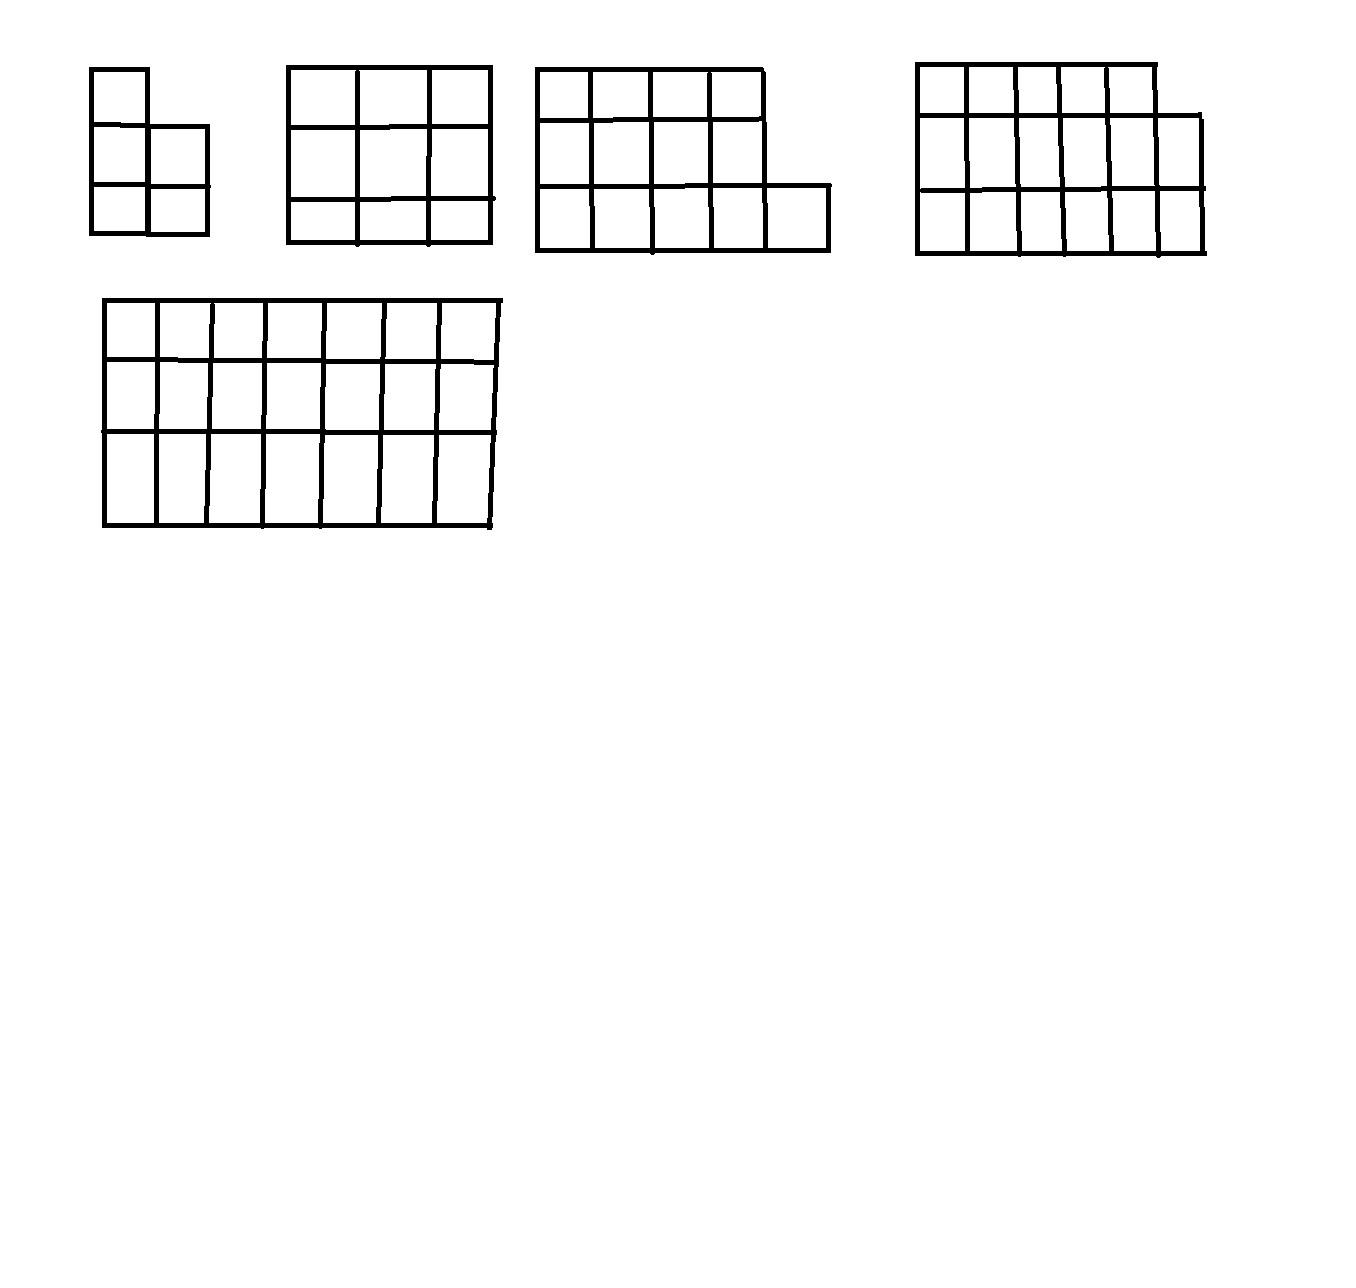 5. Sınıf Matematik Ders Kitabı 28. Sayfa Cevapları